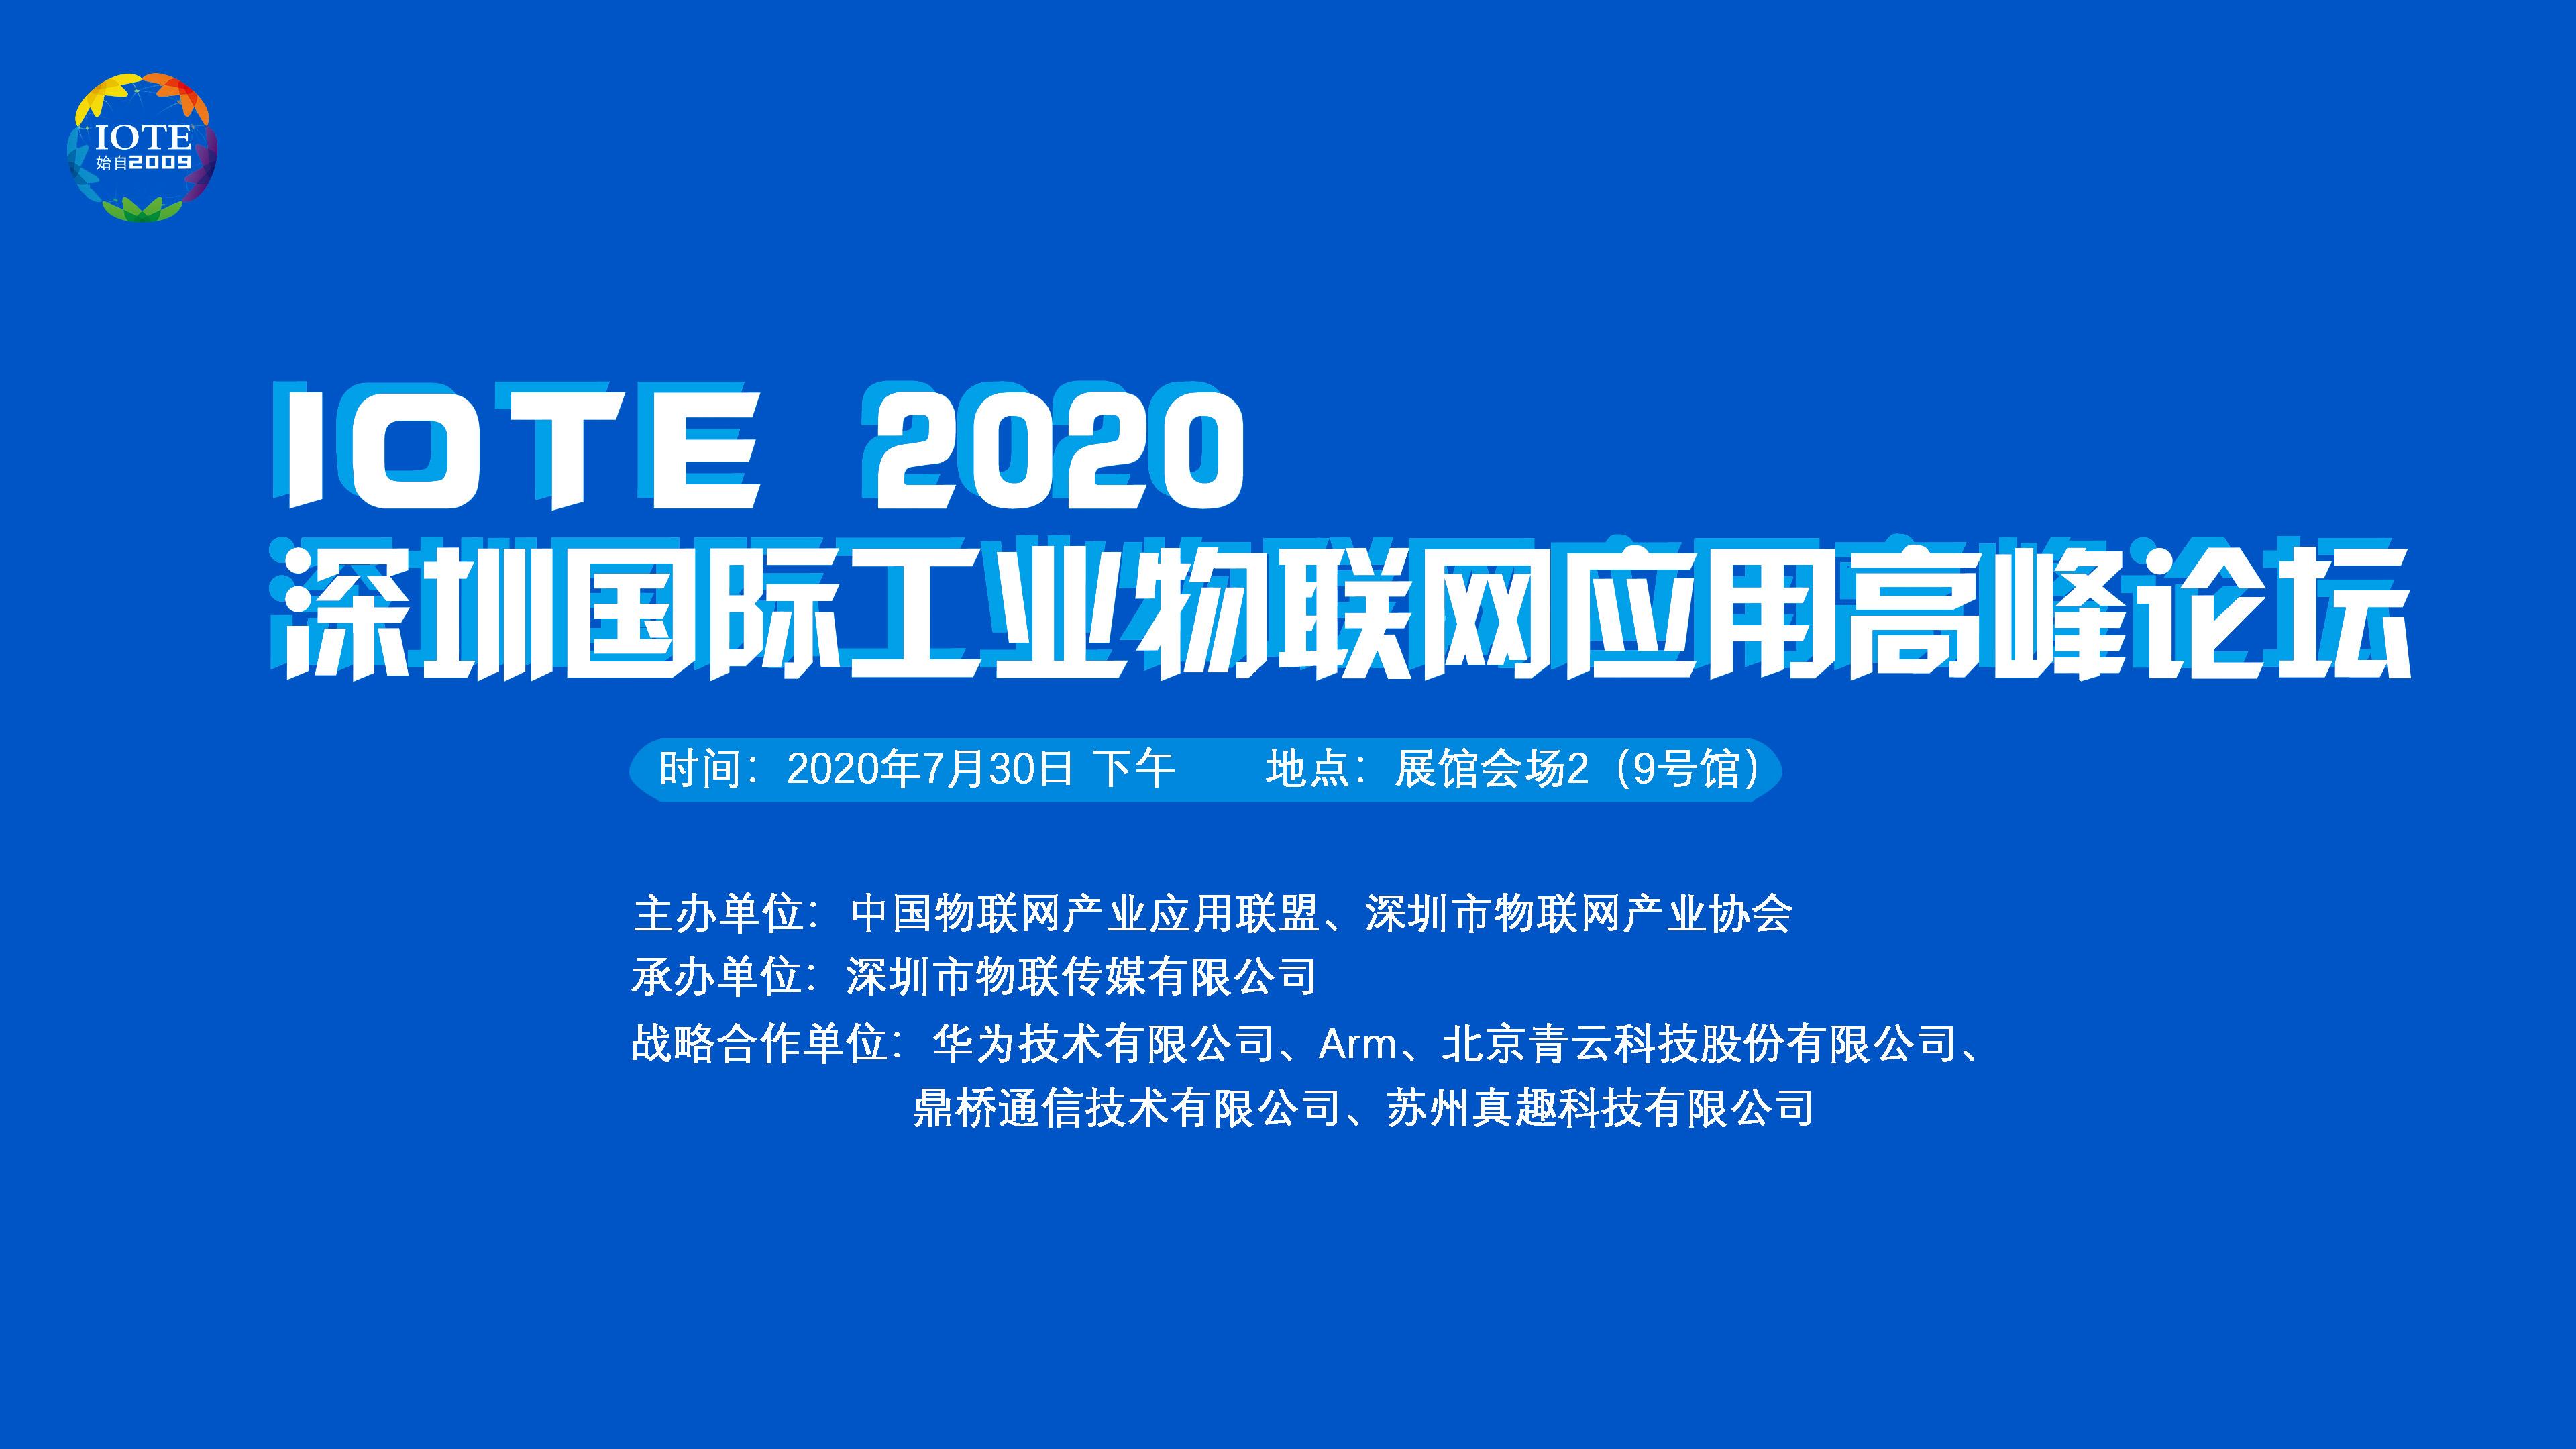 会议专题 | IOTE 2020 深圳国际工业物联网应用高峰论坛